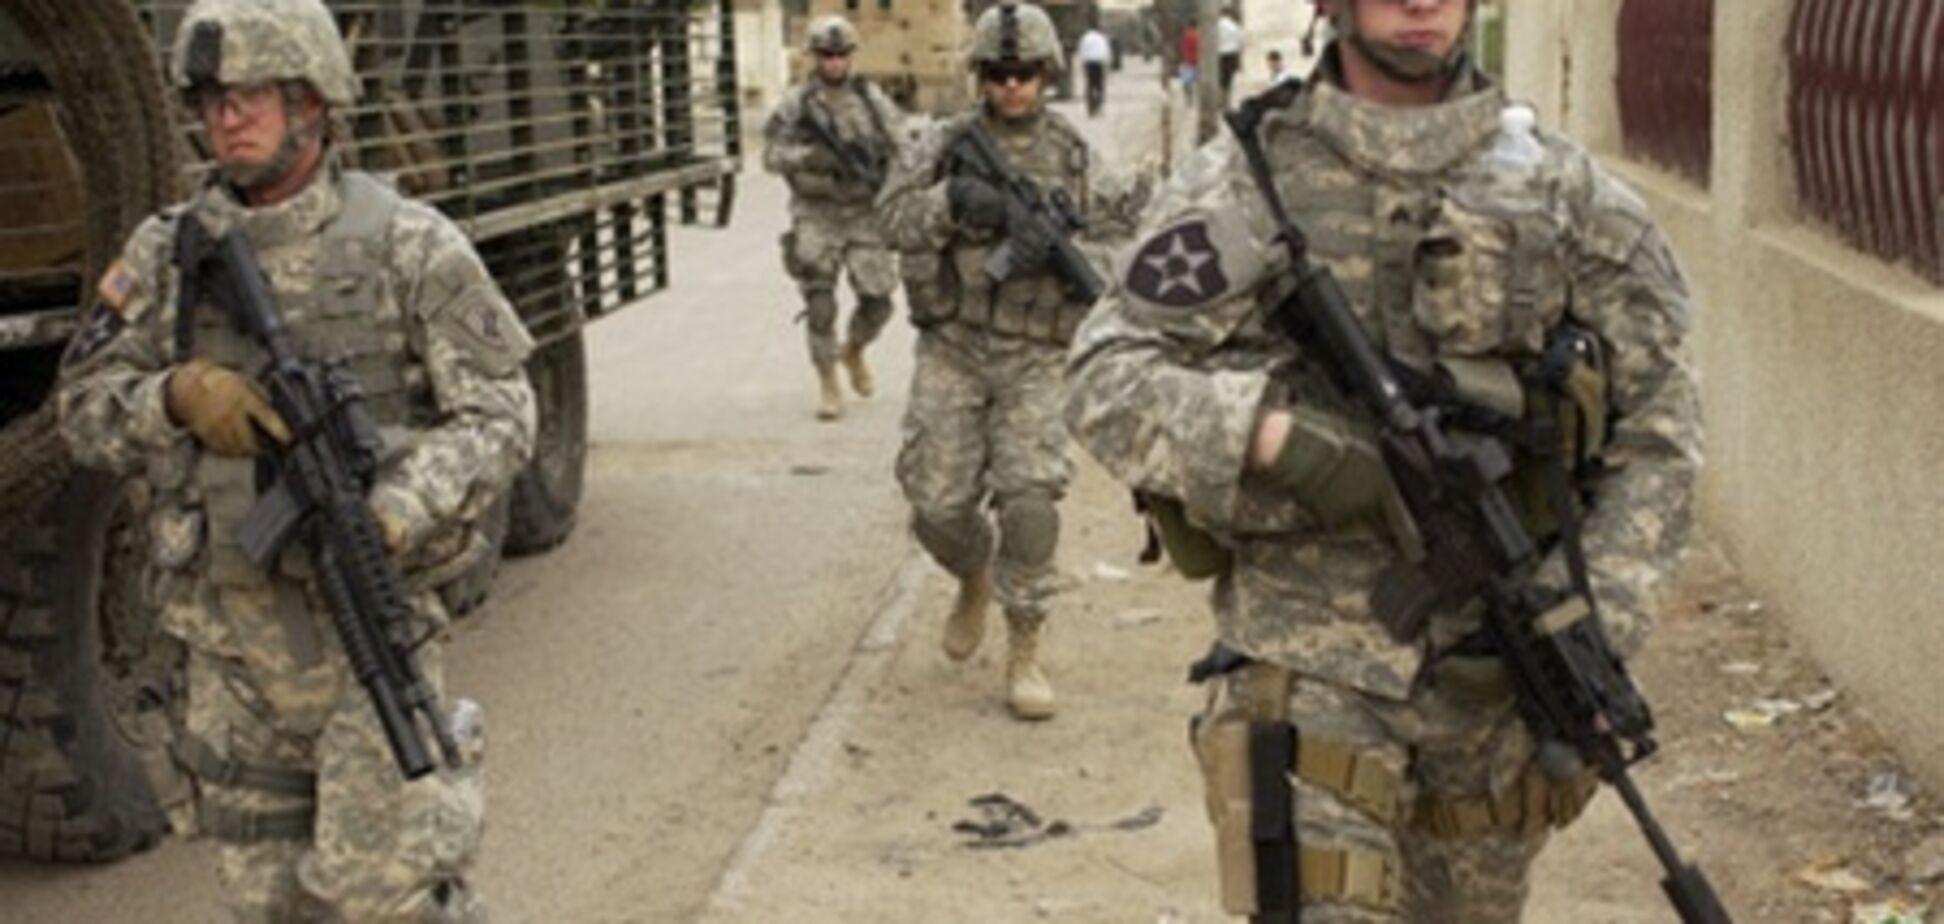 Солдат выстрелил в сослуживца, чтобы избавить его от икоты